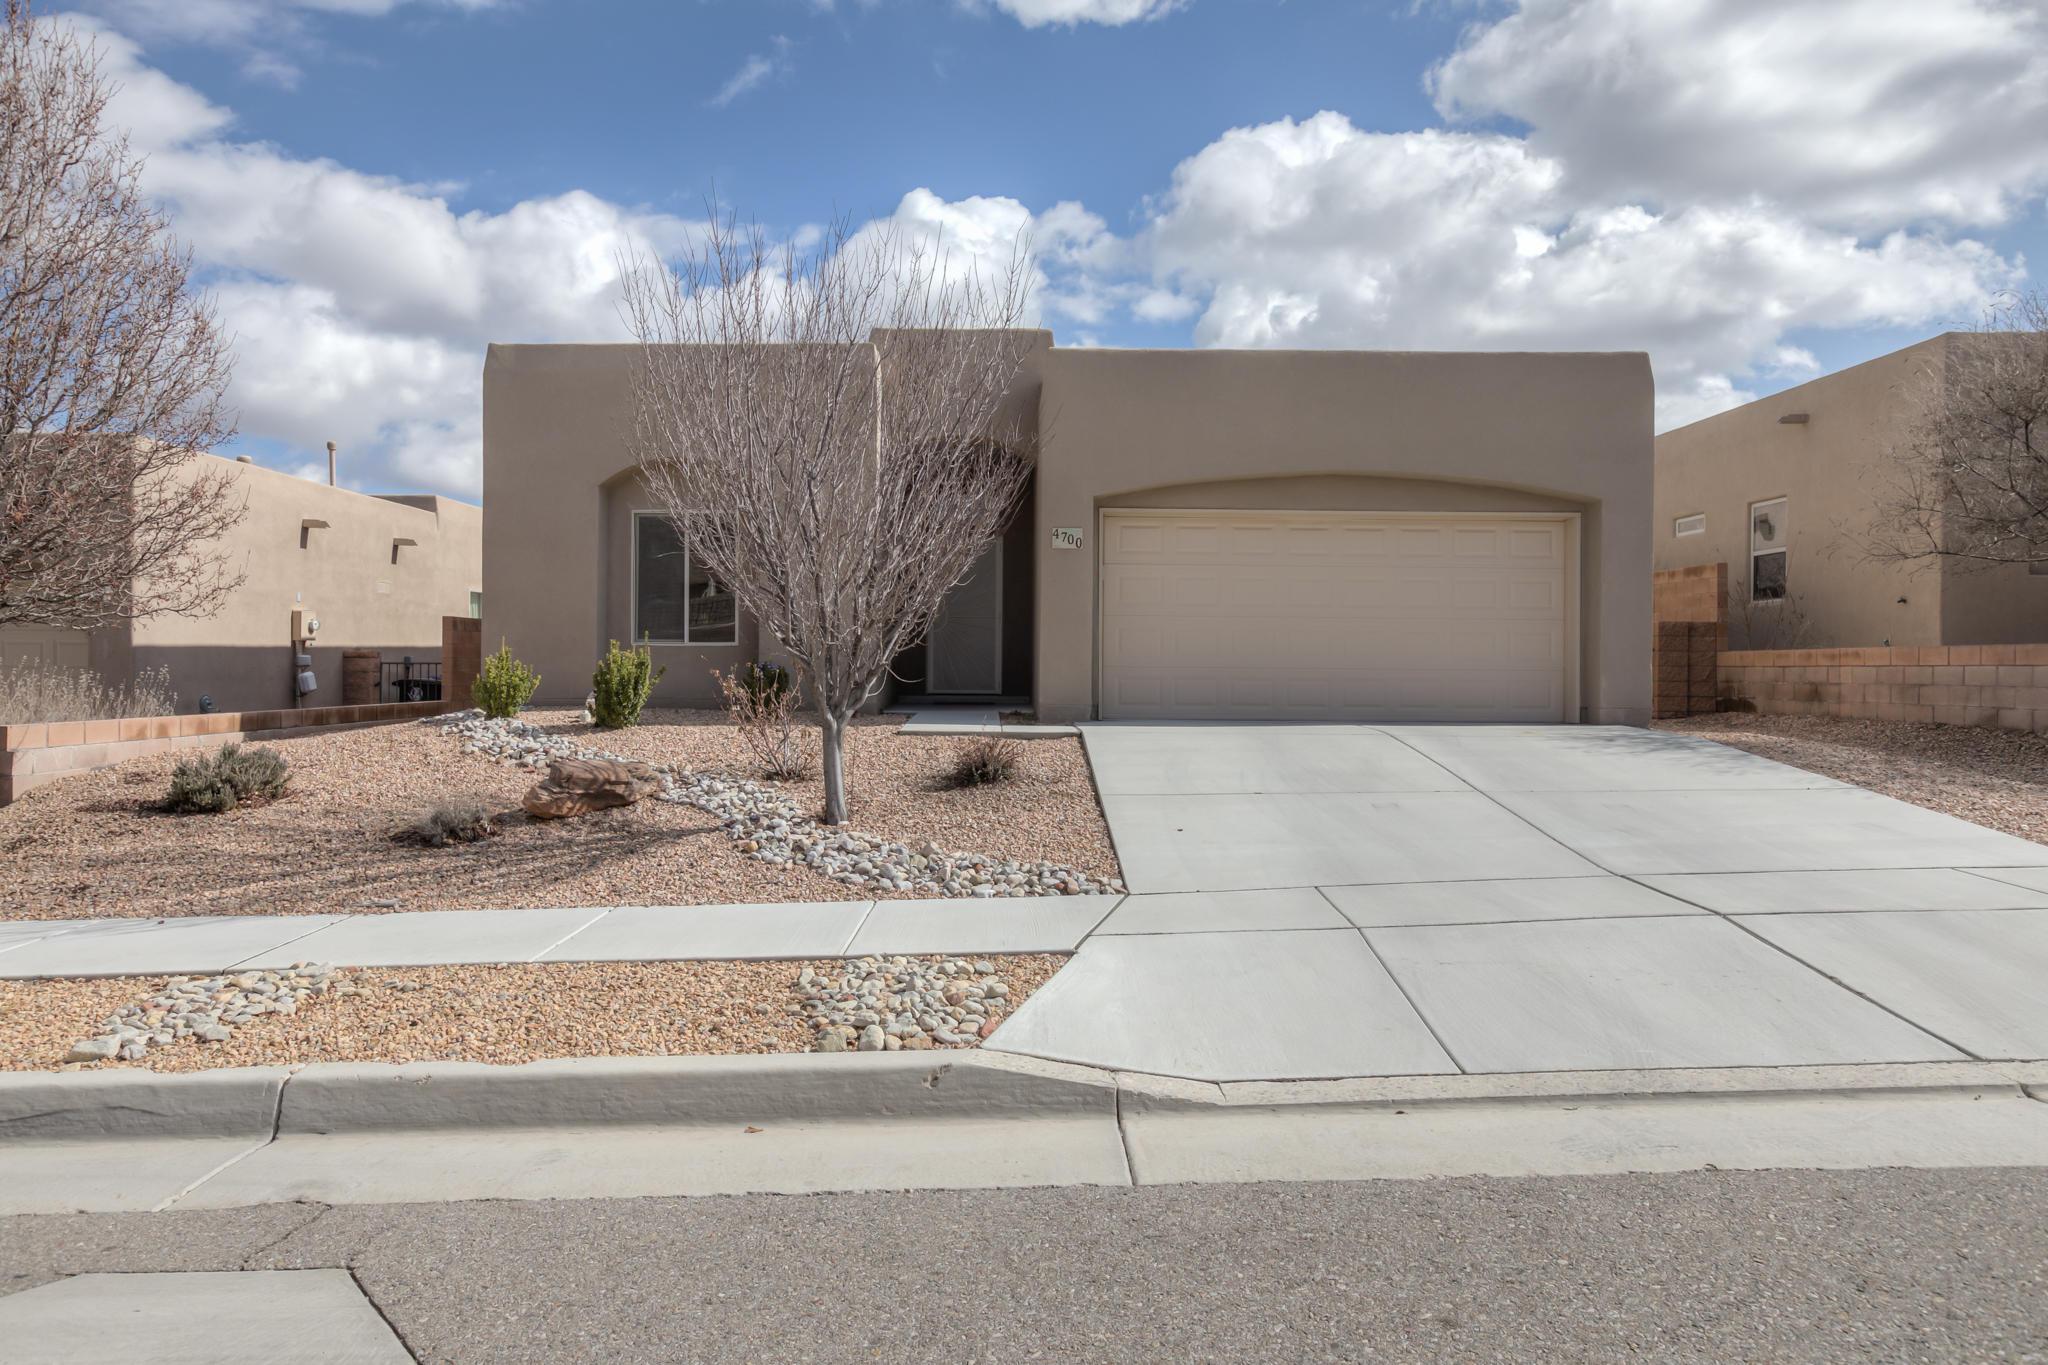 4700 MARBELLA Drive, Albuquerque NM 87120